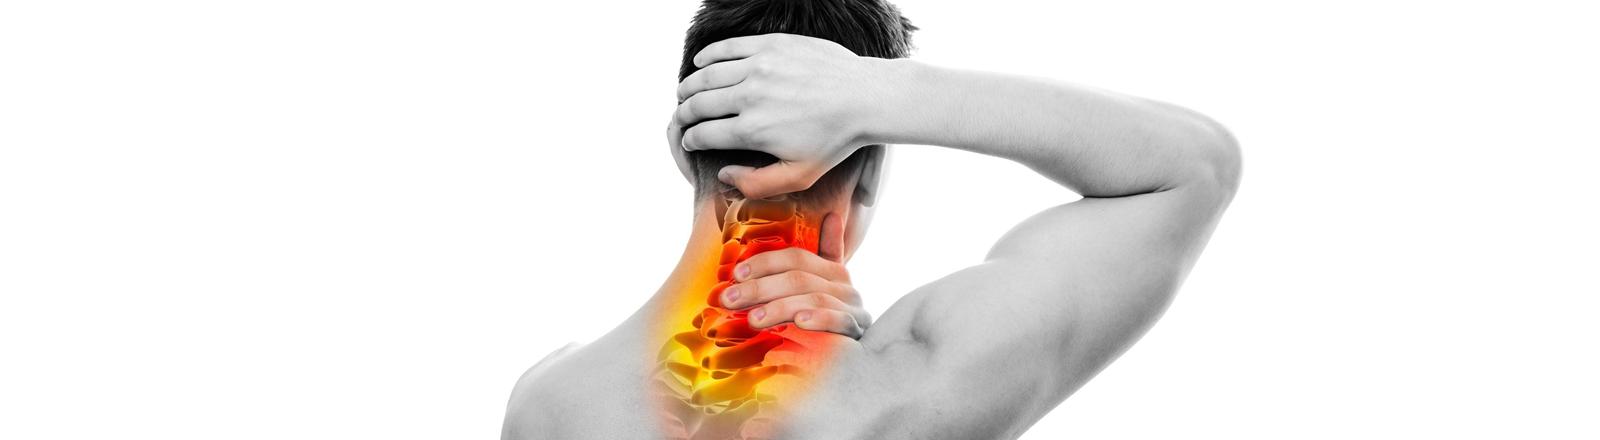 hernia discal y heartbreak de estomago